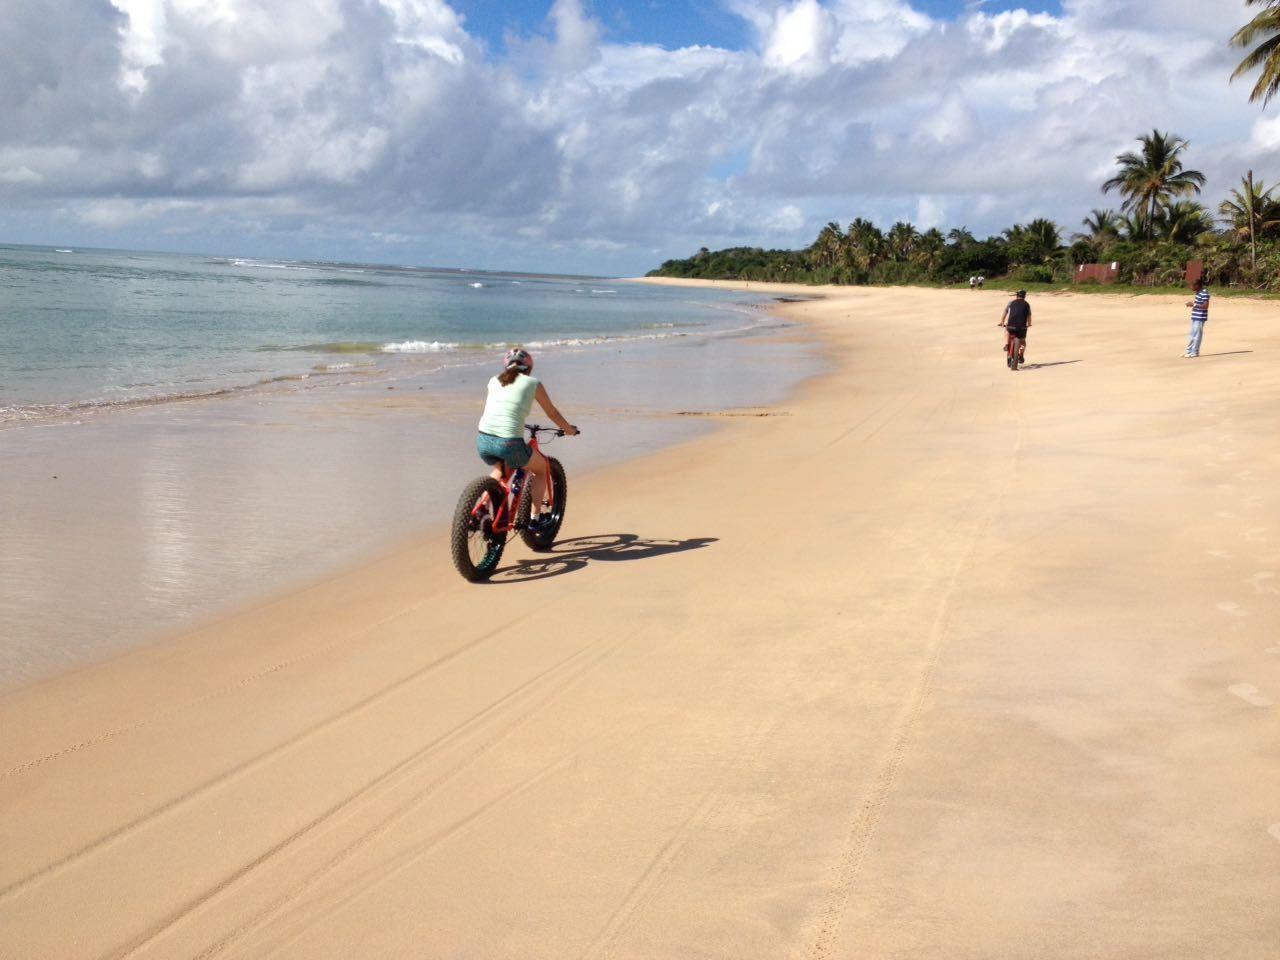 Com duração de 3 horas, em média, o passeio percorre 25 km passando por praias e áreas preservadas